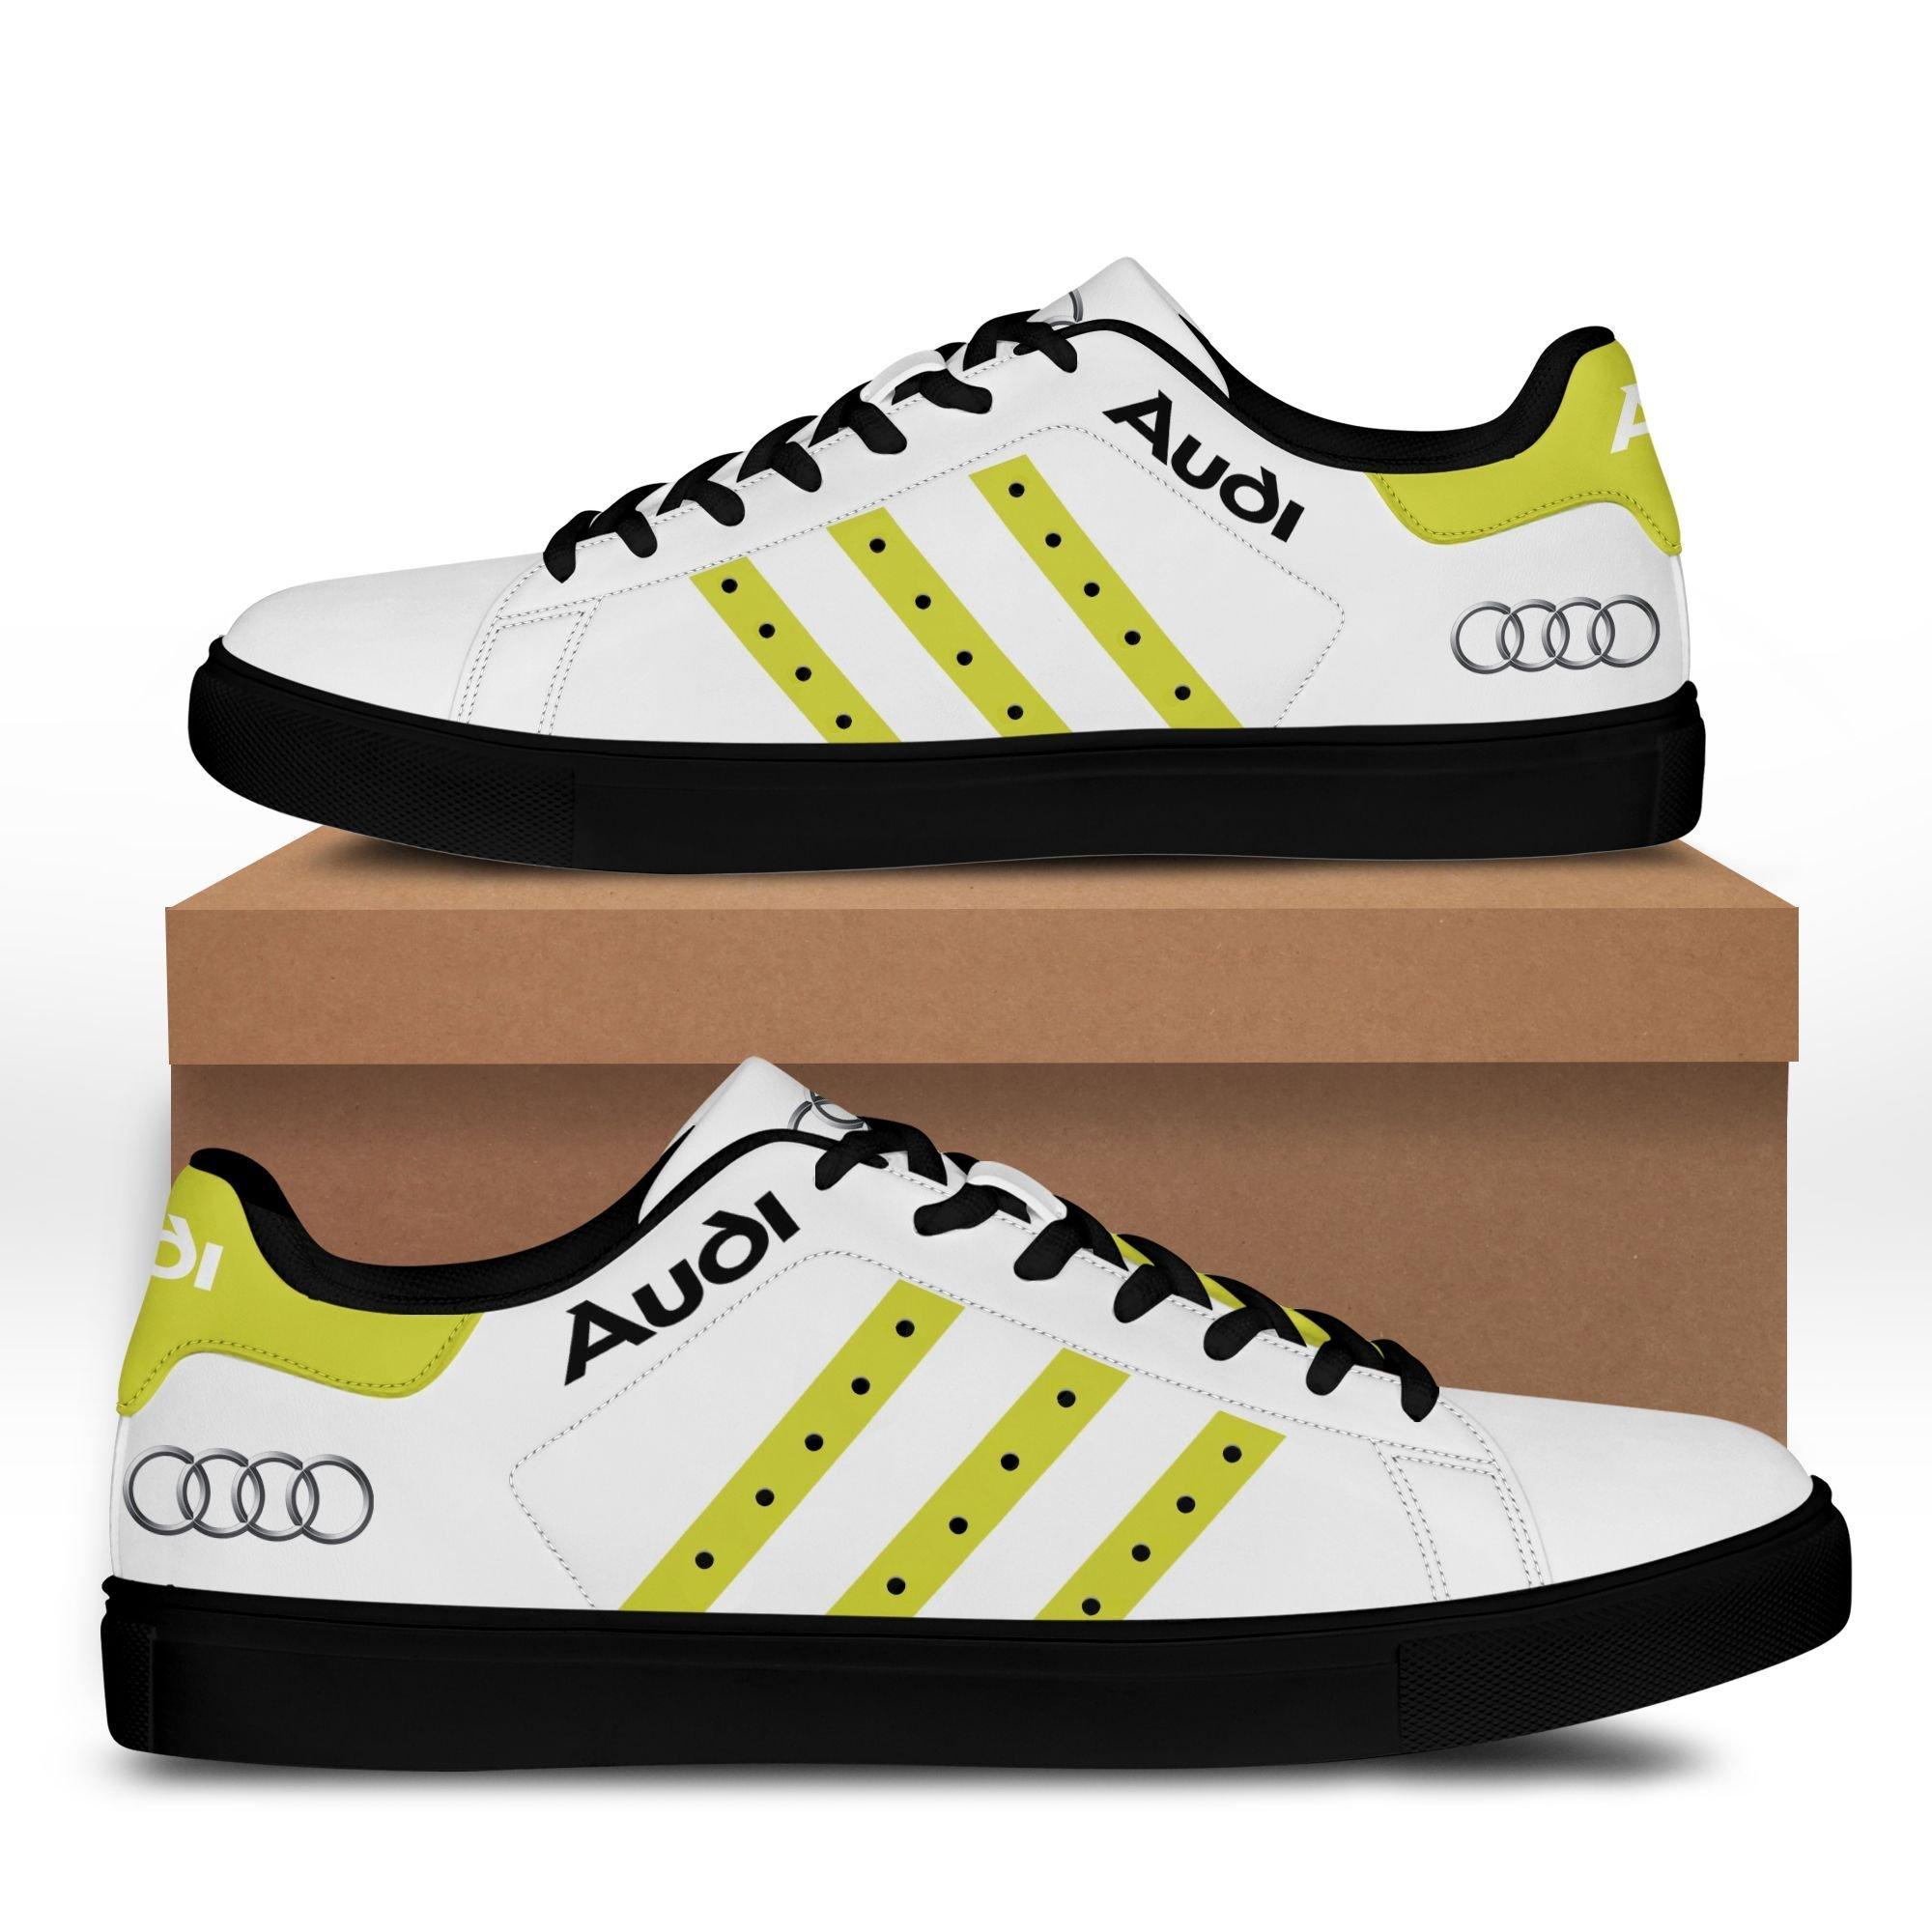 Audi auto Premium yellow white Stan Smith Shoes